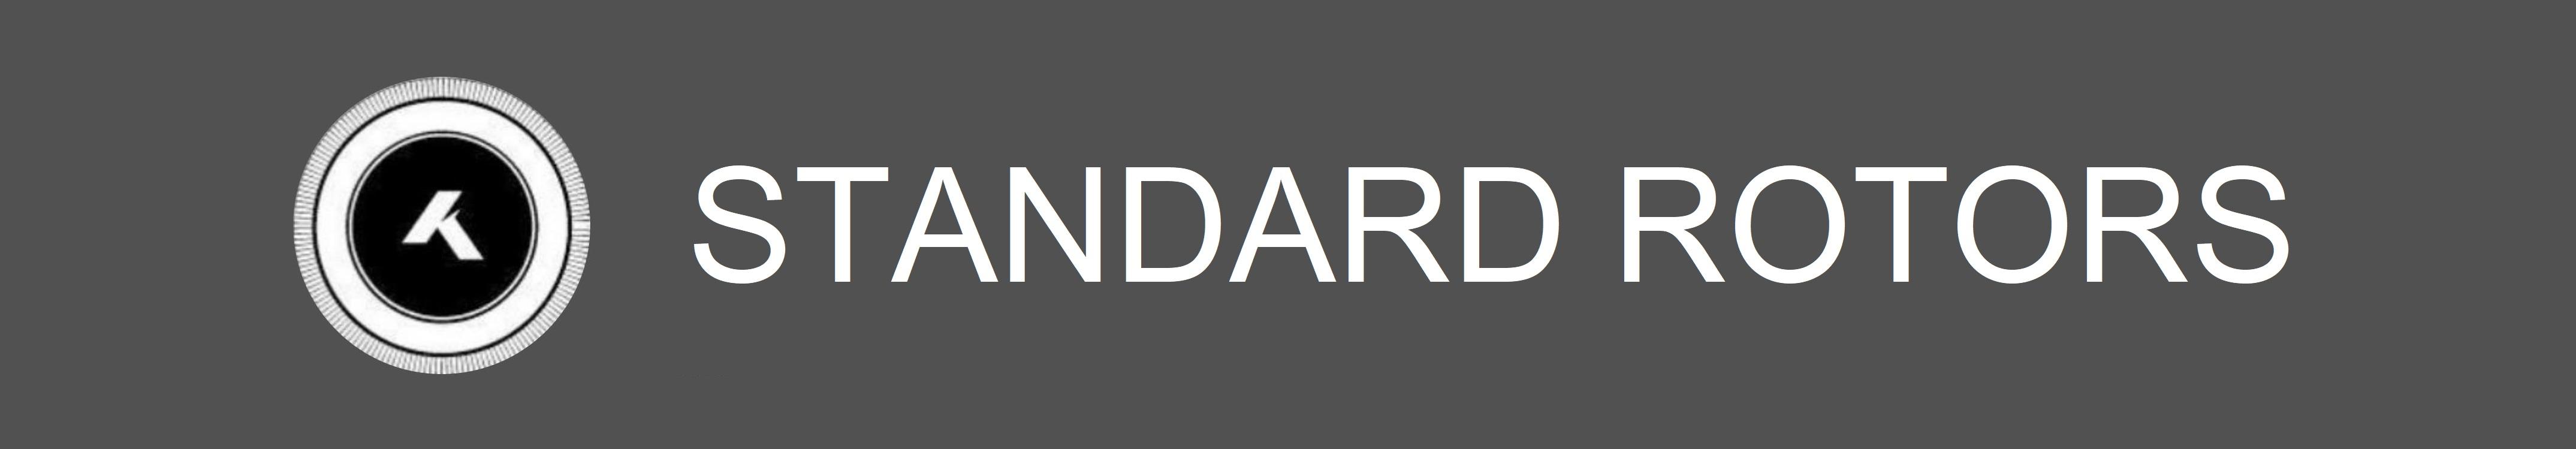 Standard-Rotors